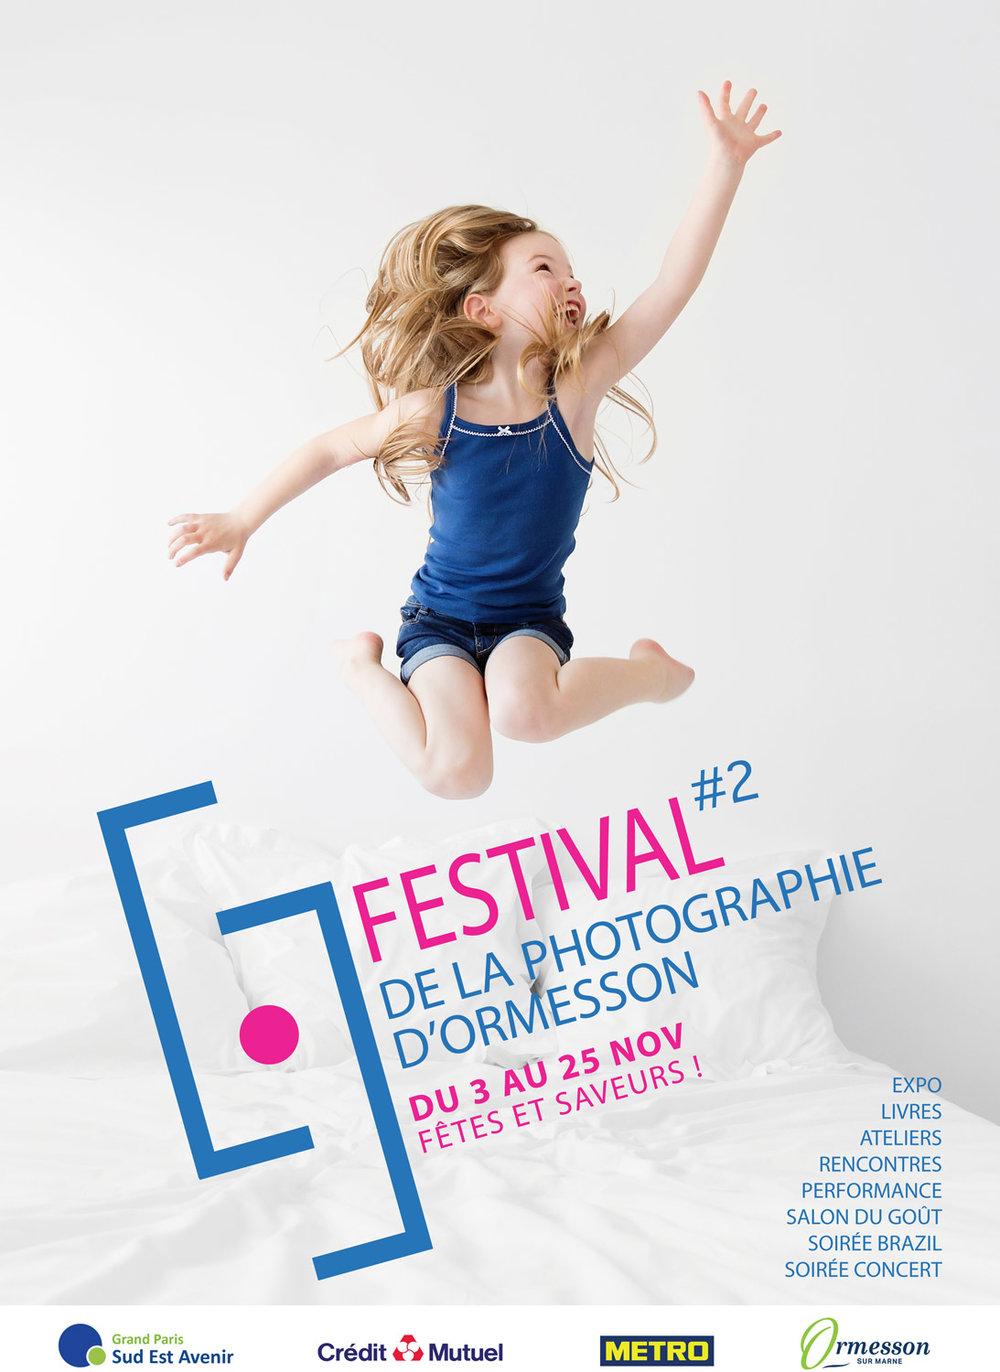 photographe-enfant-festival-ormesson-2017.jpg